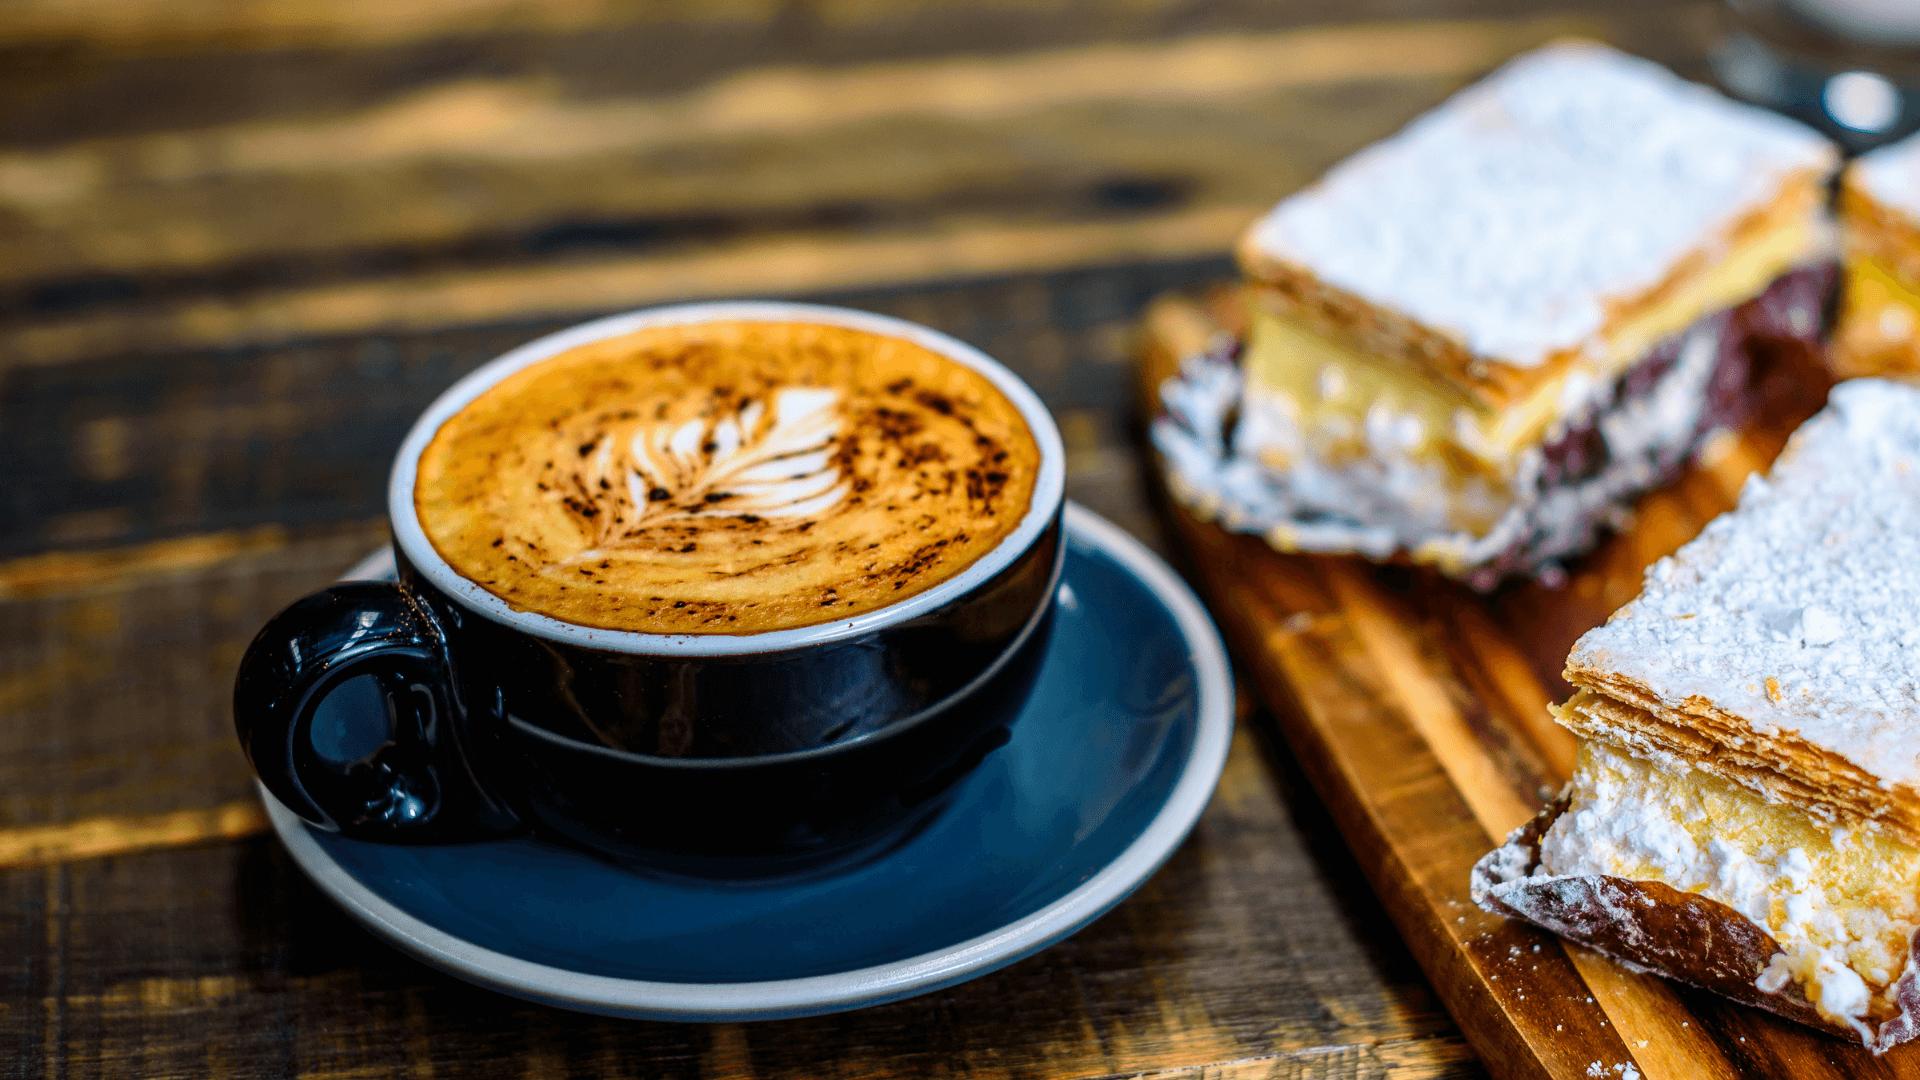 koffie met gebak uitvaart